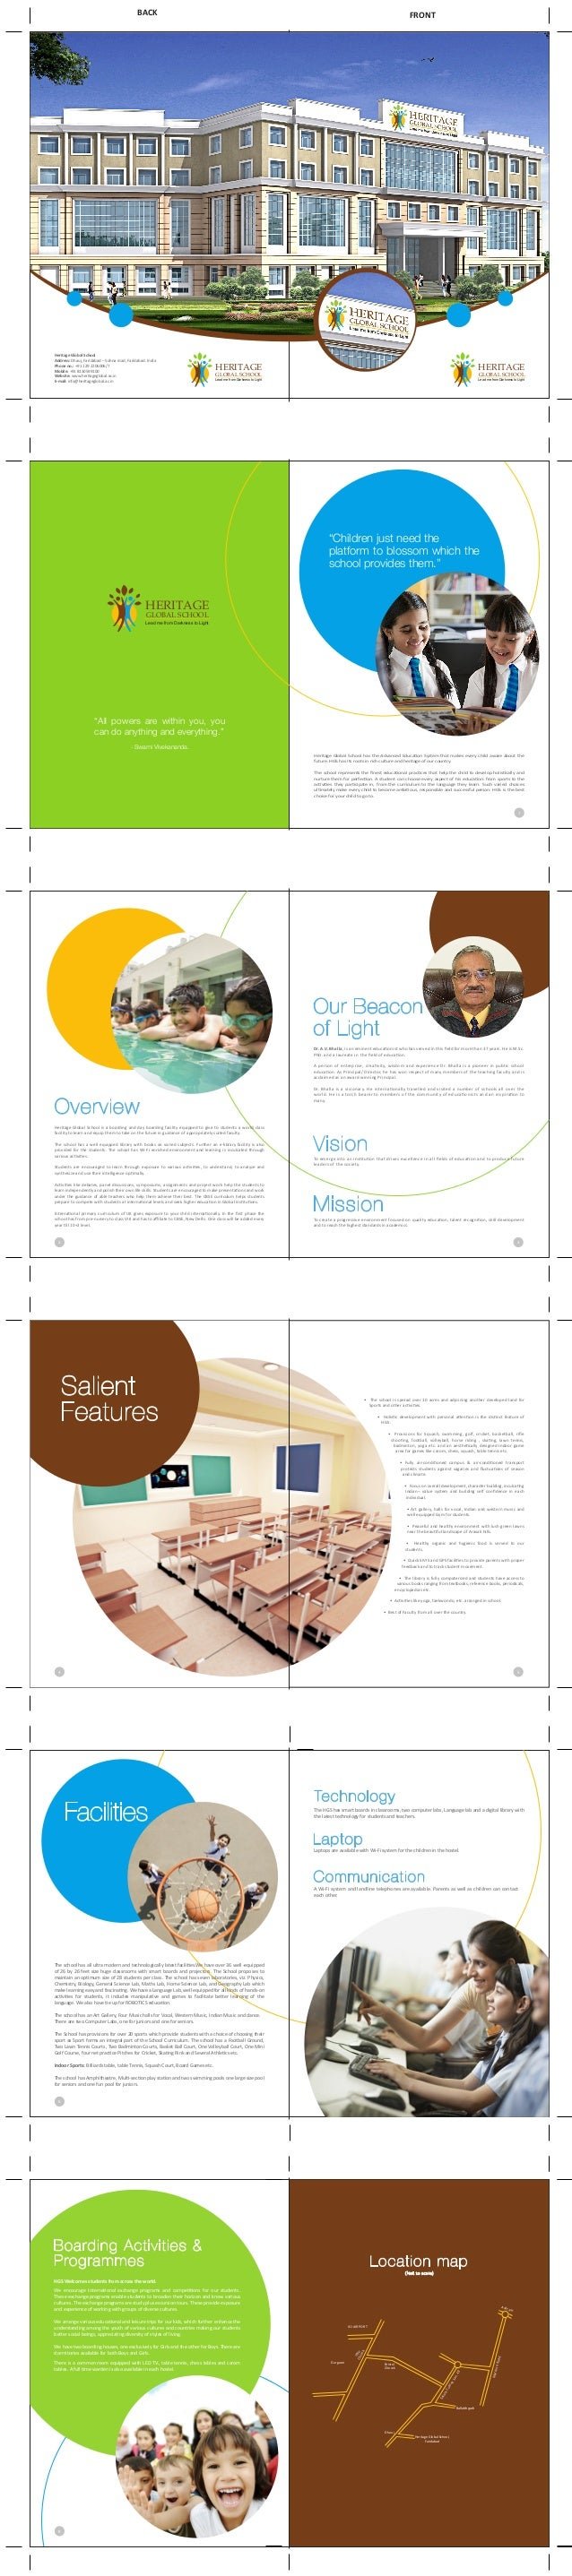 Heritage school brochure